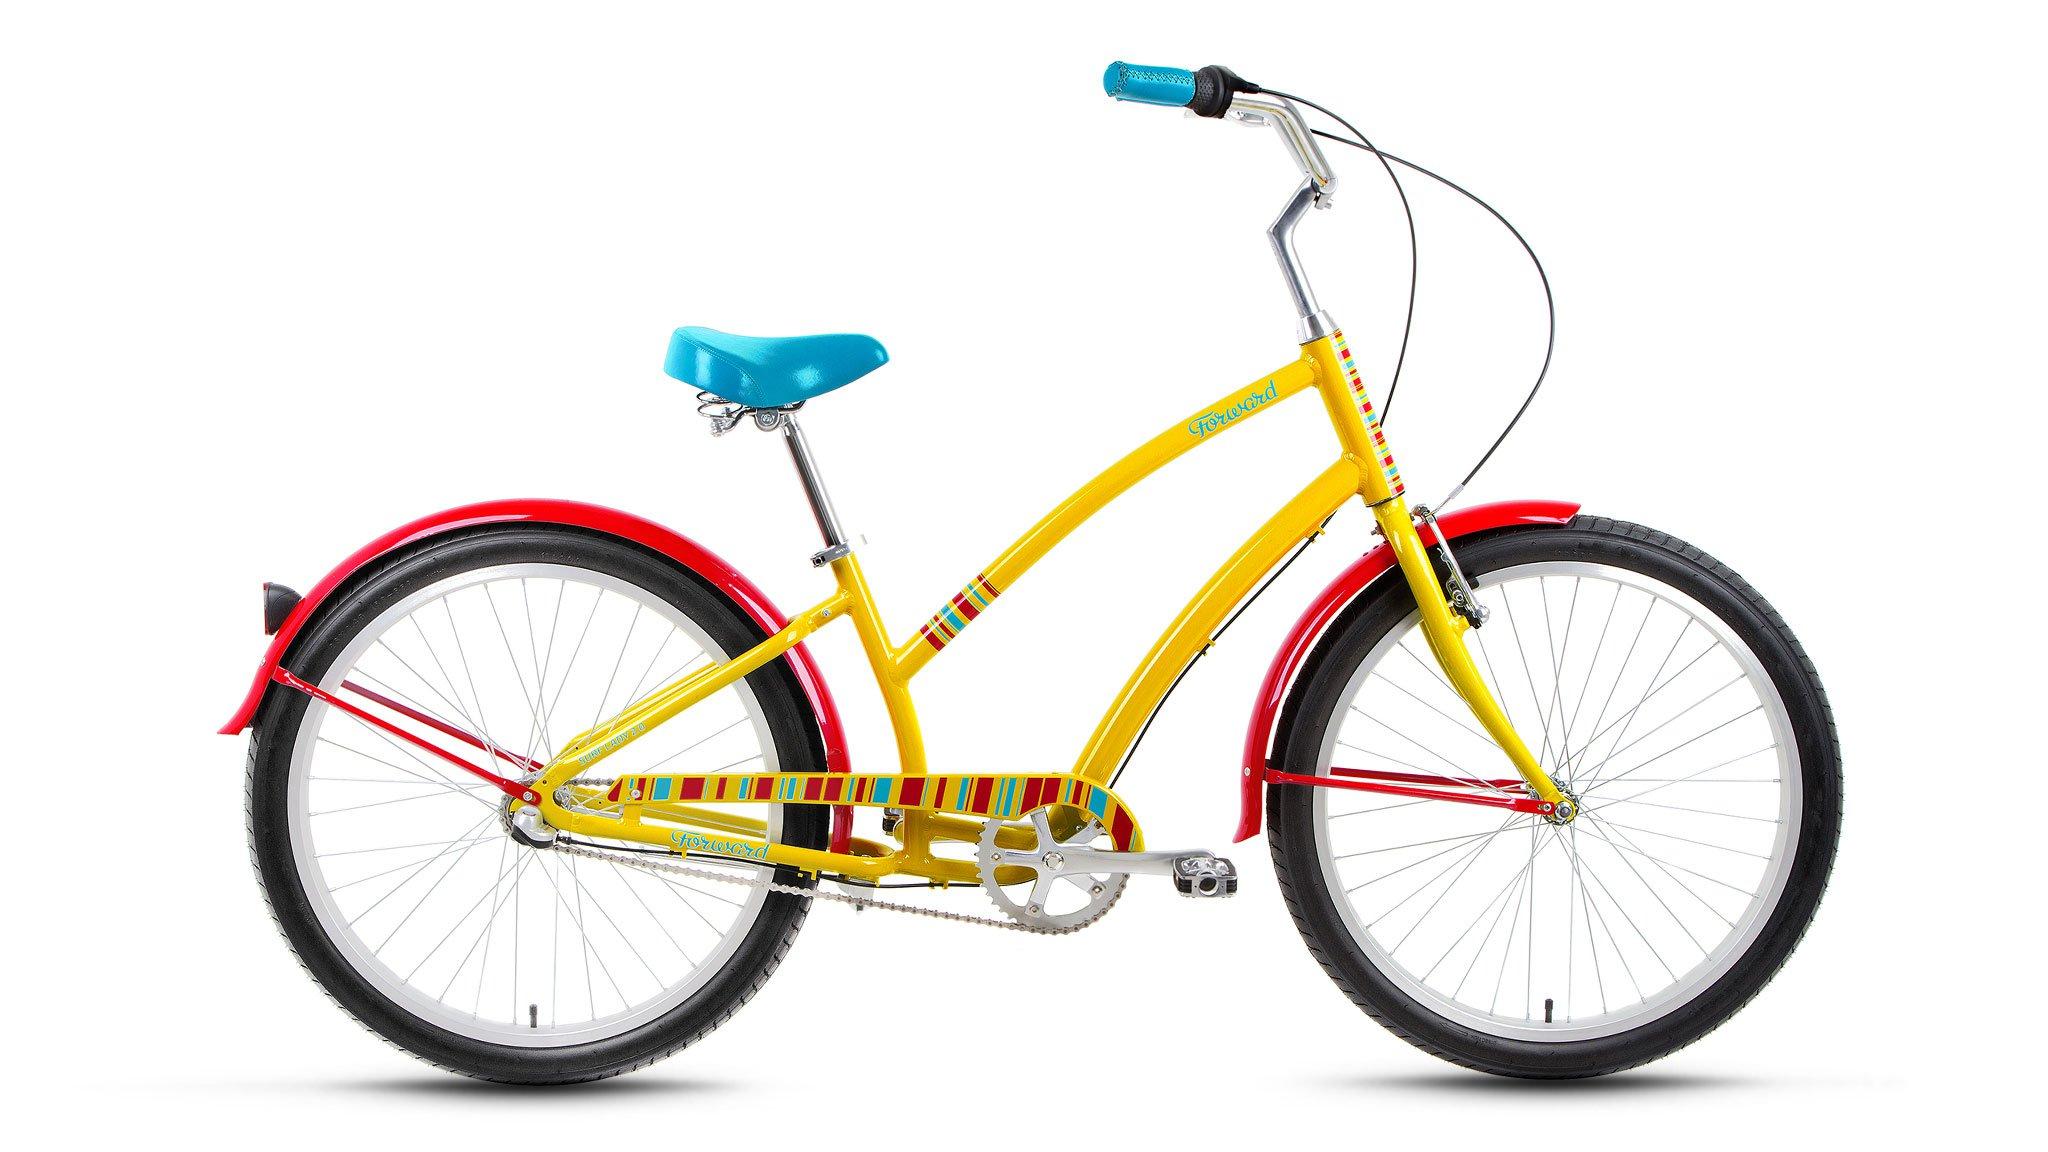 только качество спб велосипеды купить недорого нужен армопояс, нужен